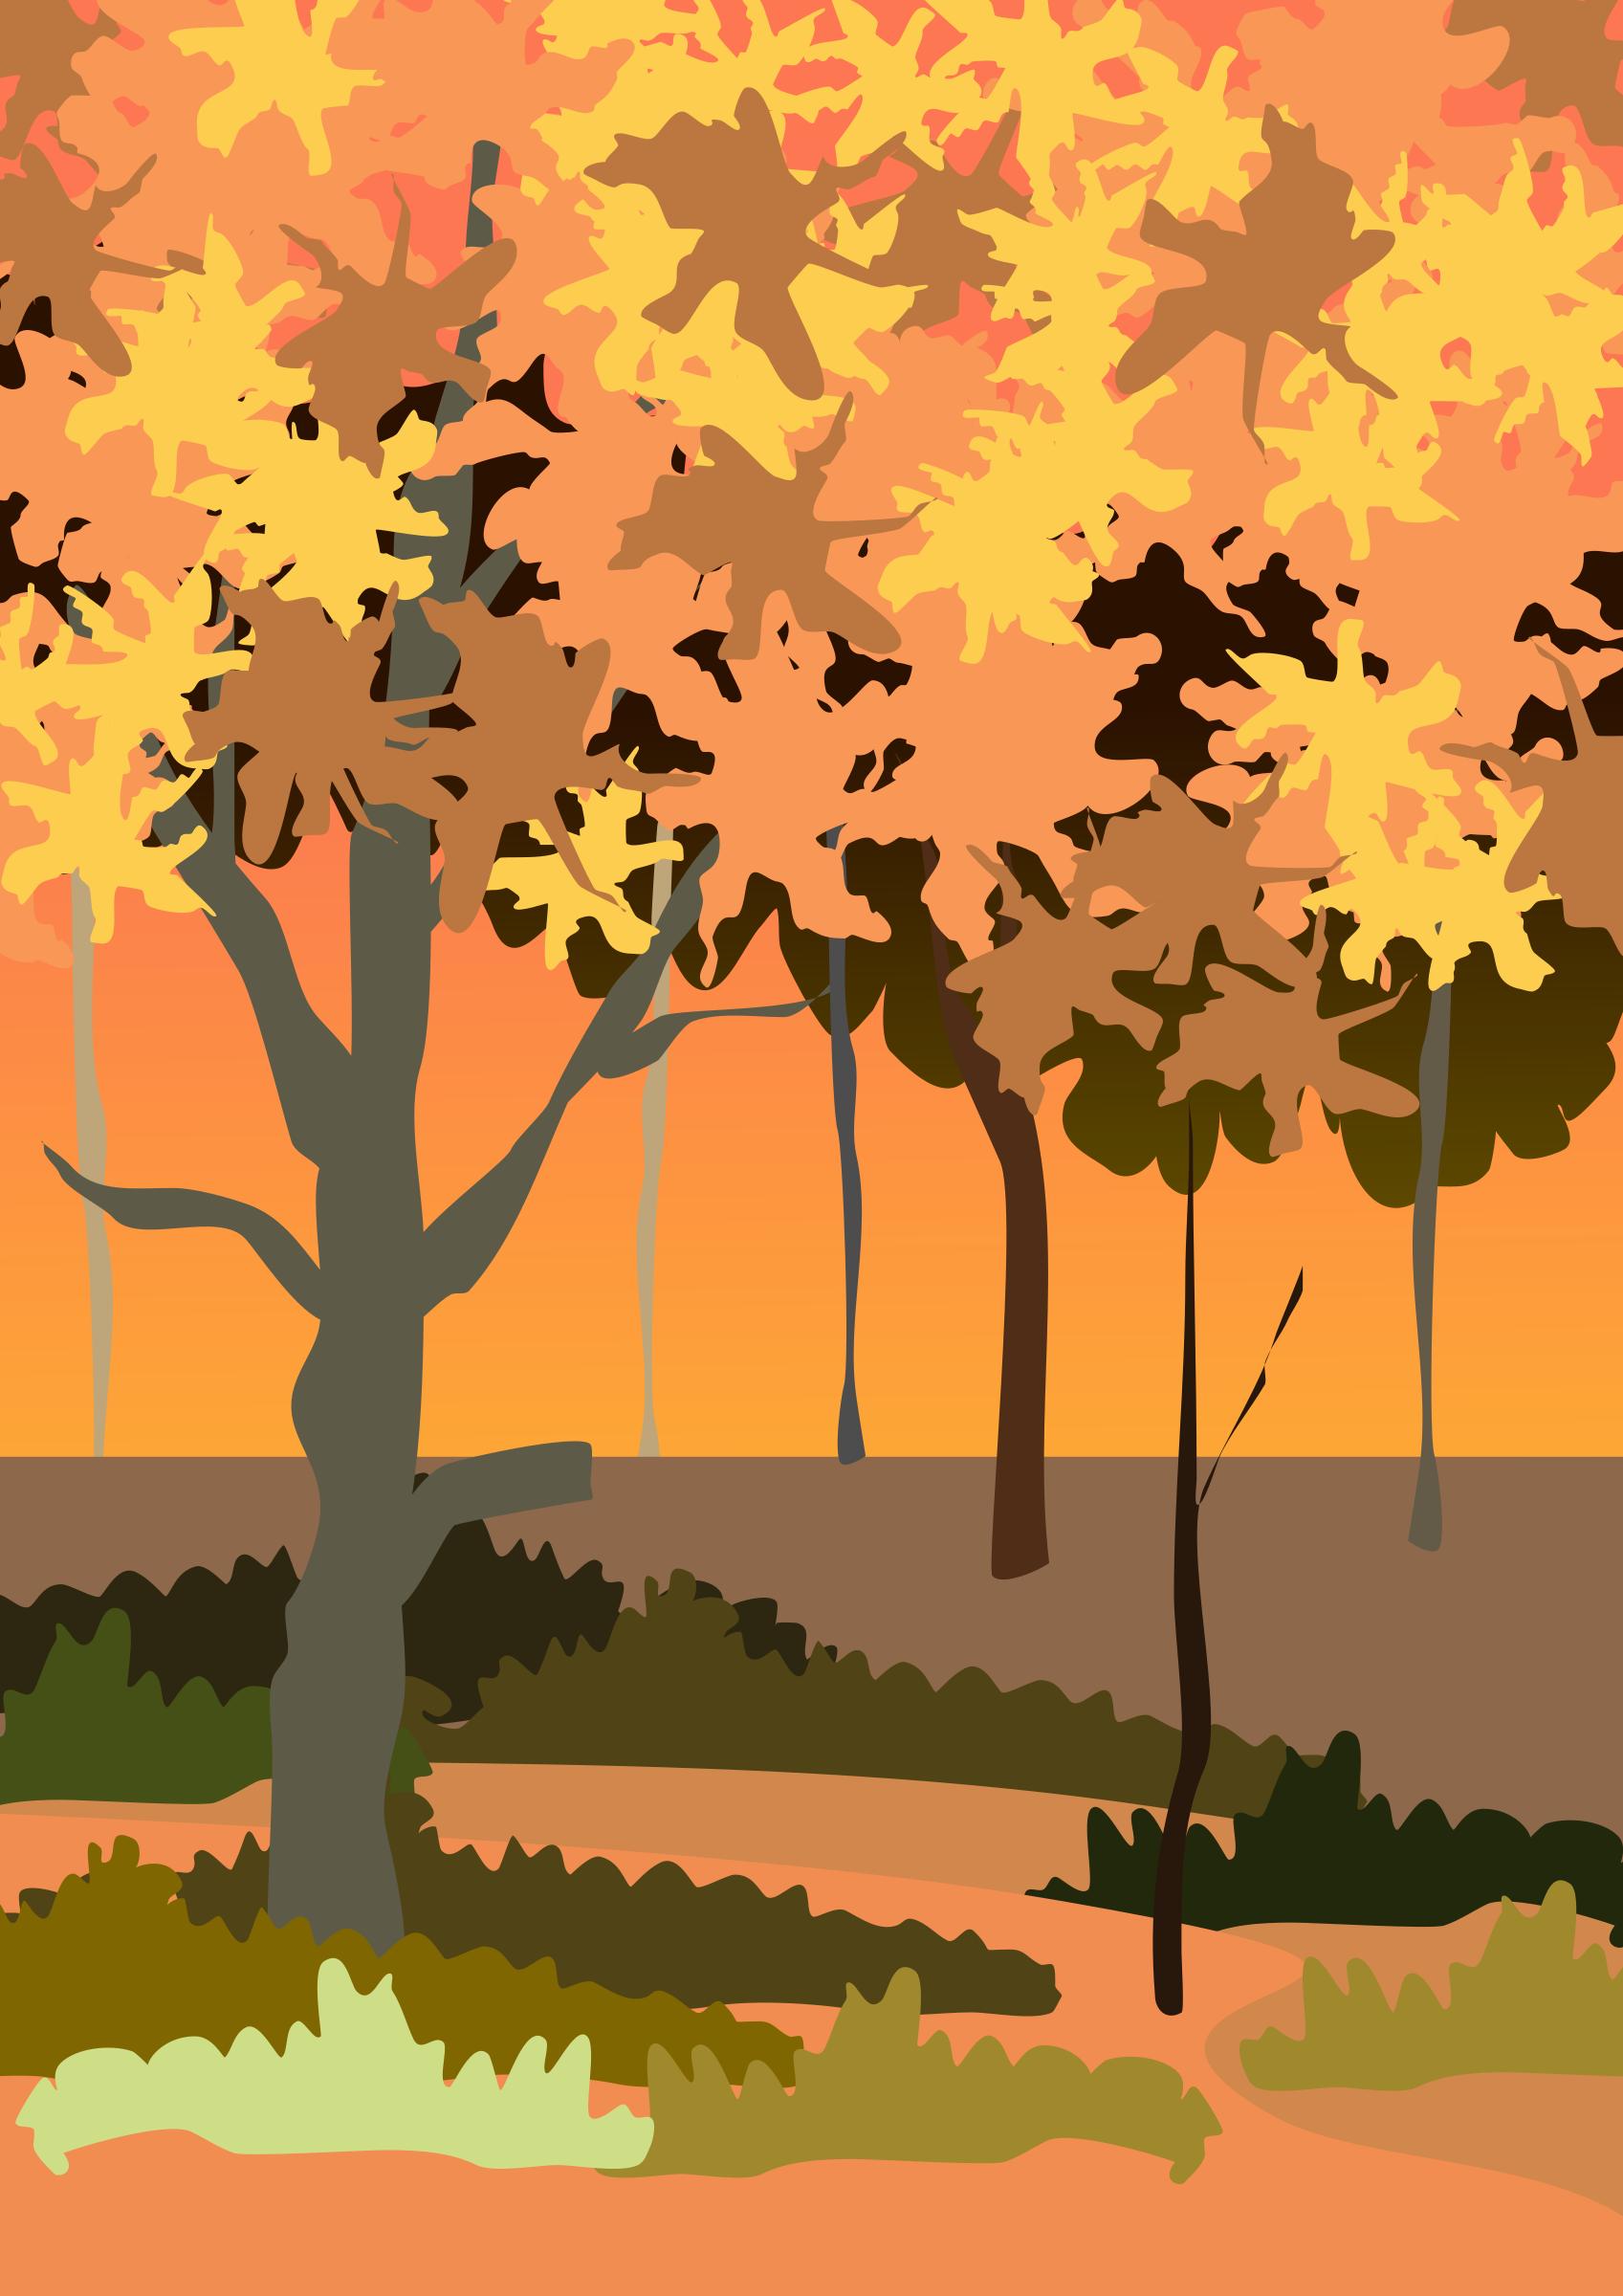 Autumn by Almeidah